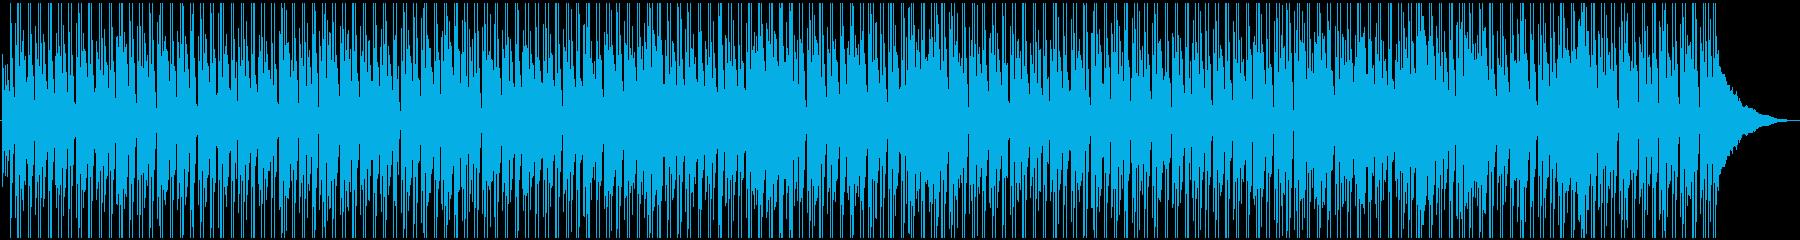 ボサノバ風・ほのぼのとしたBGMの再生済みの波形